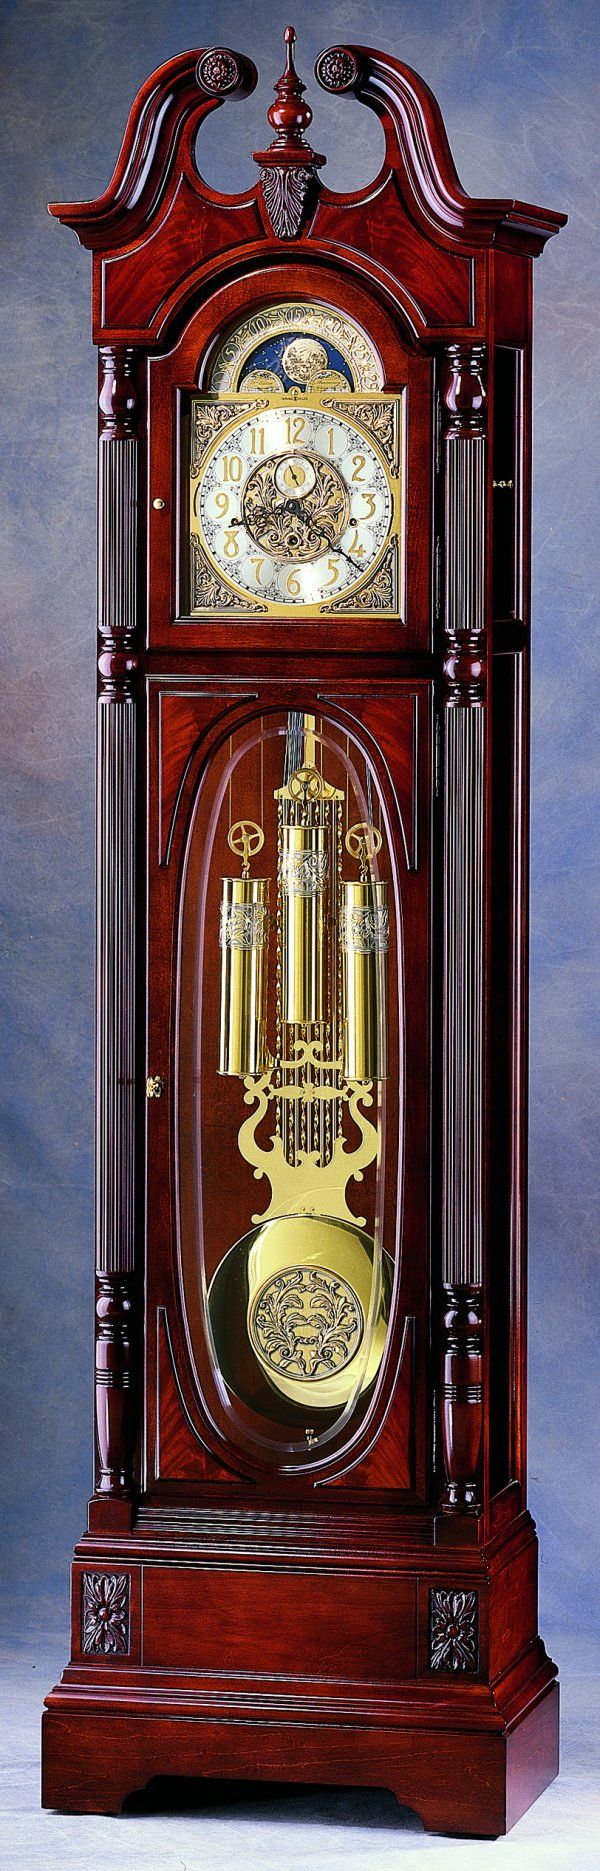 staande klok, stond in het huis van Daan waar zijn vader altijd aan sleutelde en op het laatste zetten hij de tijd nog even goed